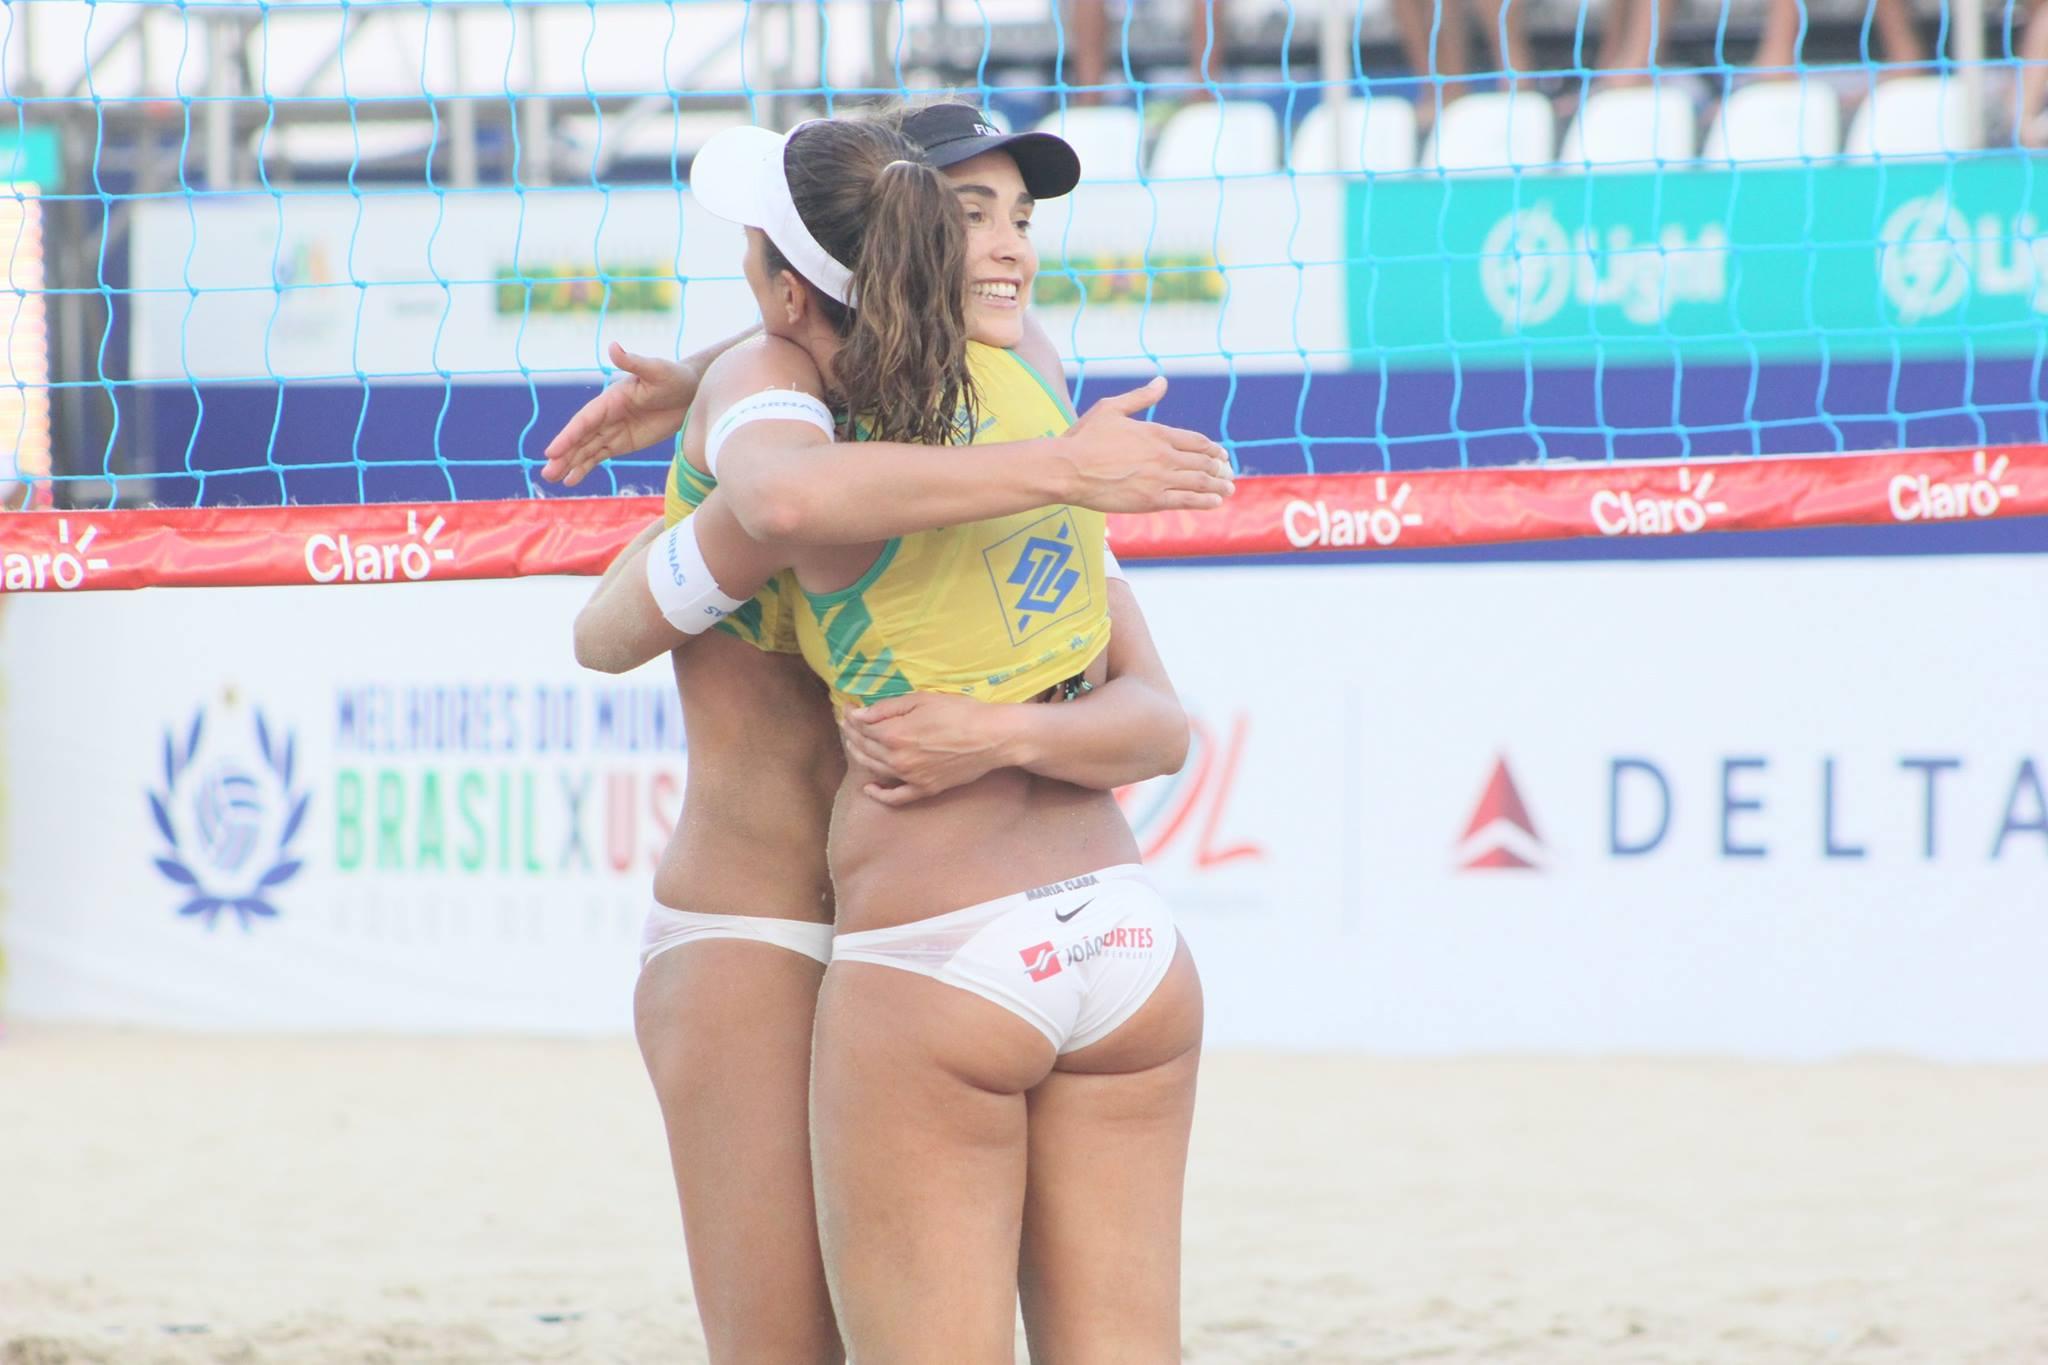 Dupla de Volei de Praia Maria Clara e Carol na Praia de Copacabana